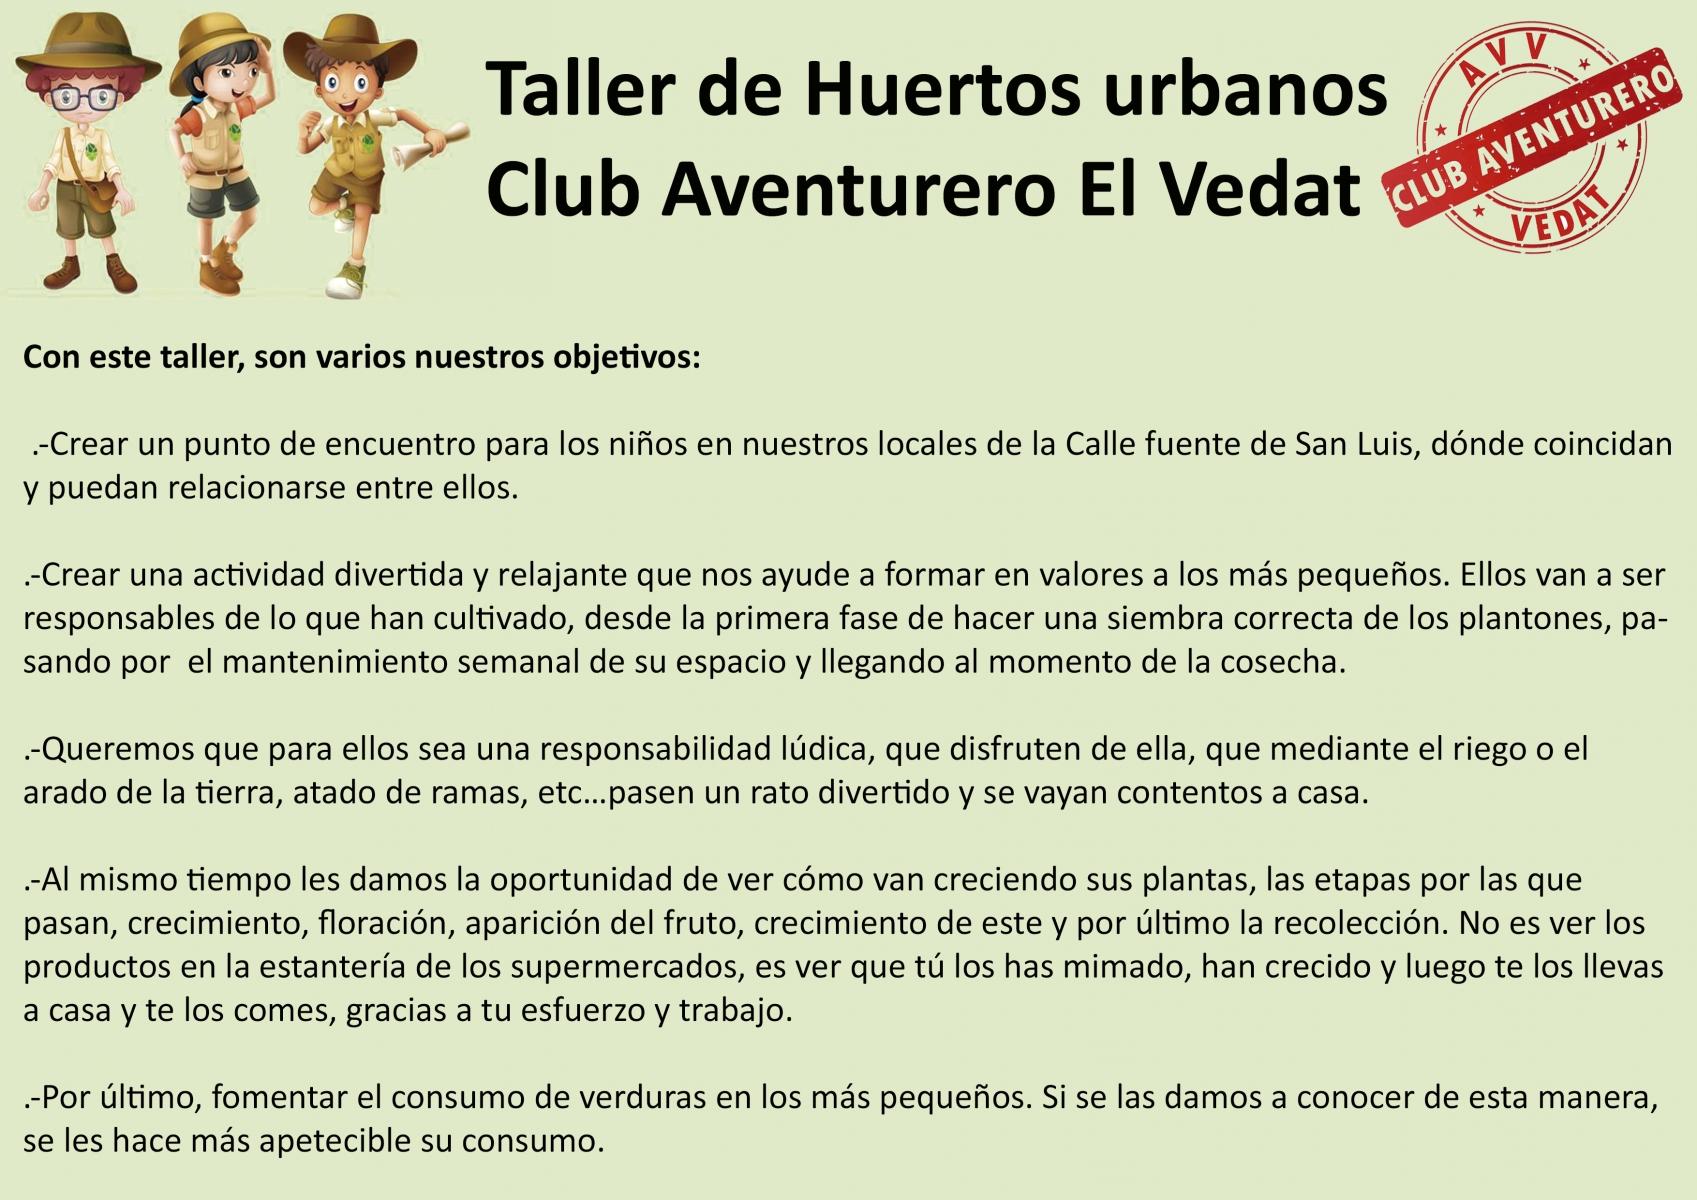 07-TALLER_HUERTOS_CLUBAVENTURERO_ELVEDAT_WEB